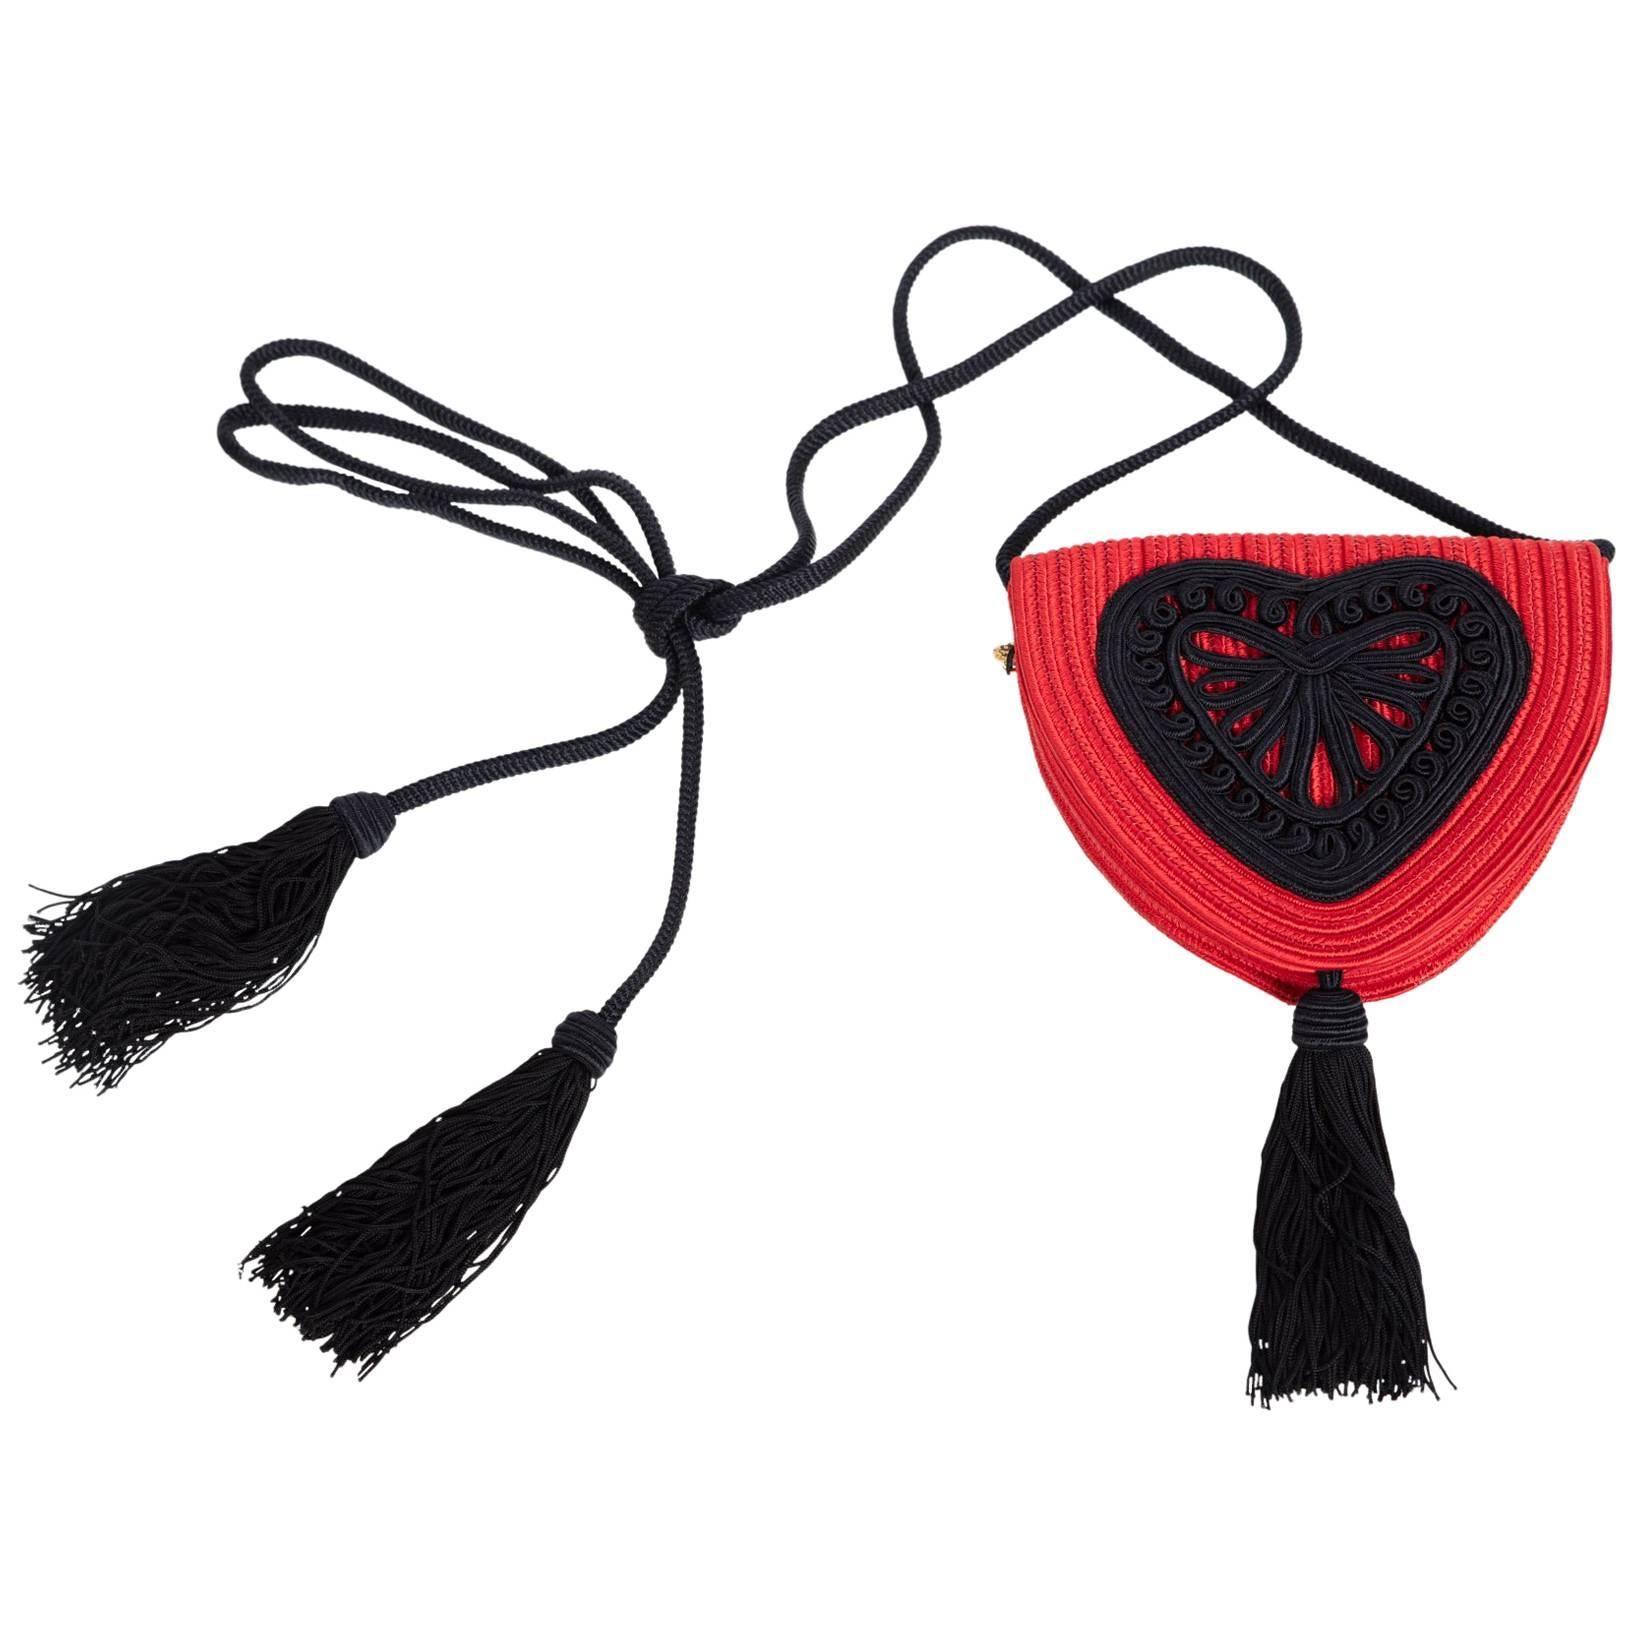 Yves Saint Laurent Red Heart Black Passementerie Tassel Bag, 1980s